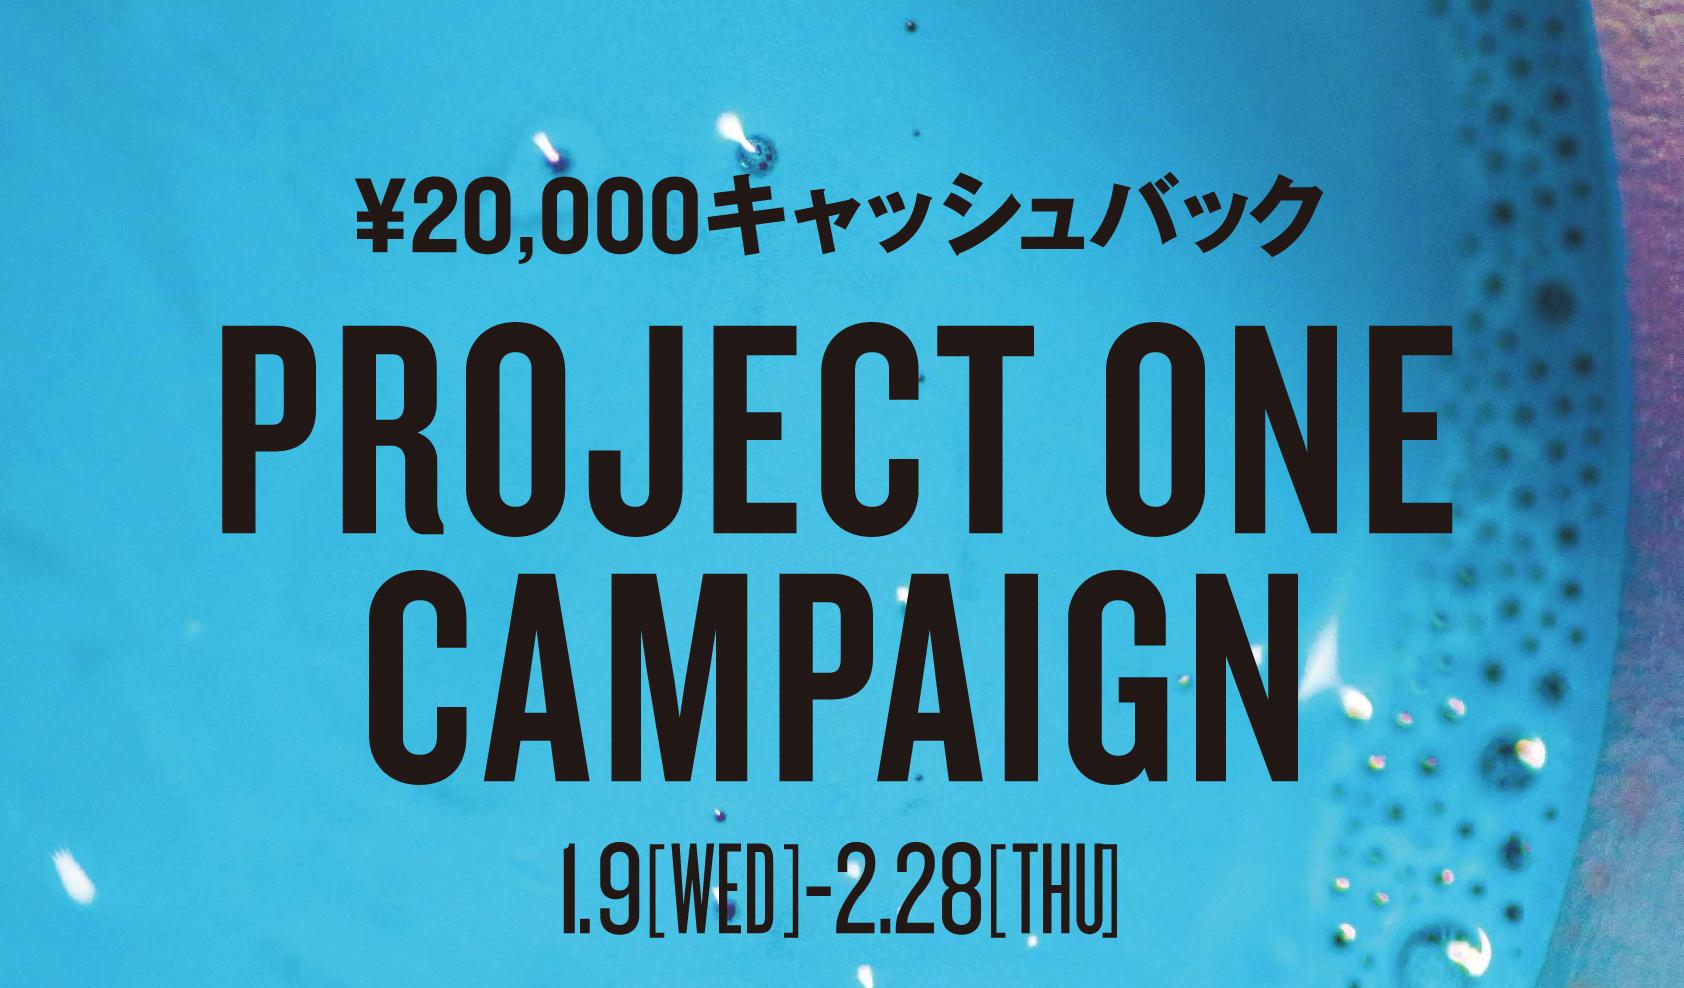 プロジェクトワンキャンペーン